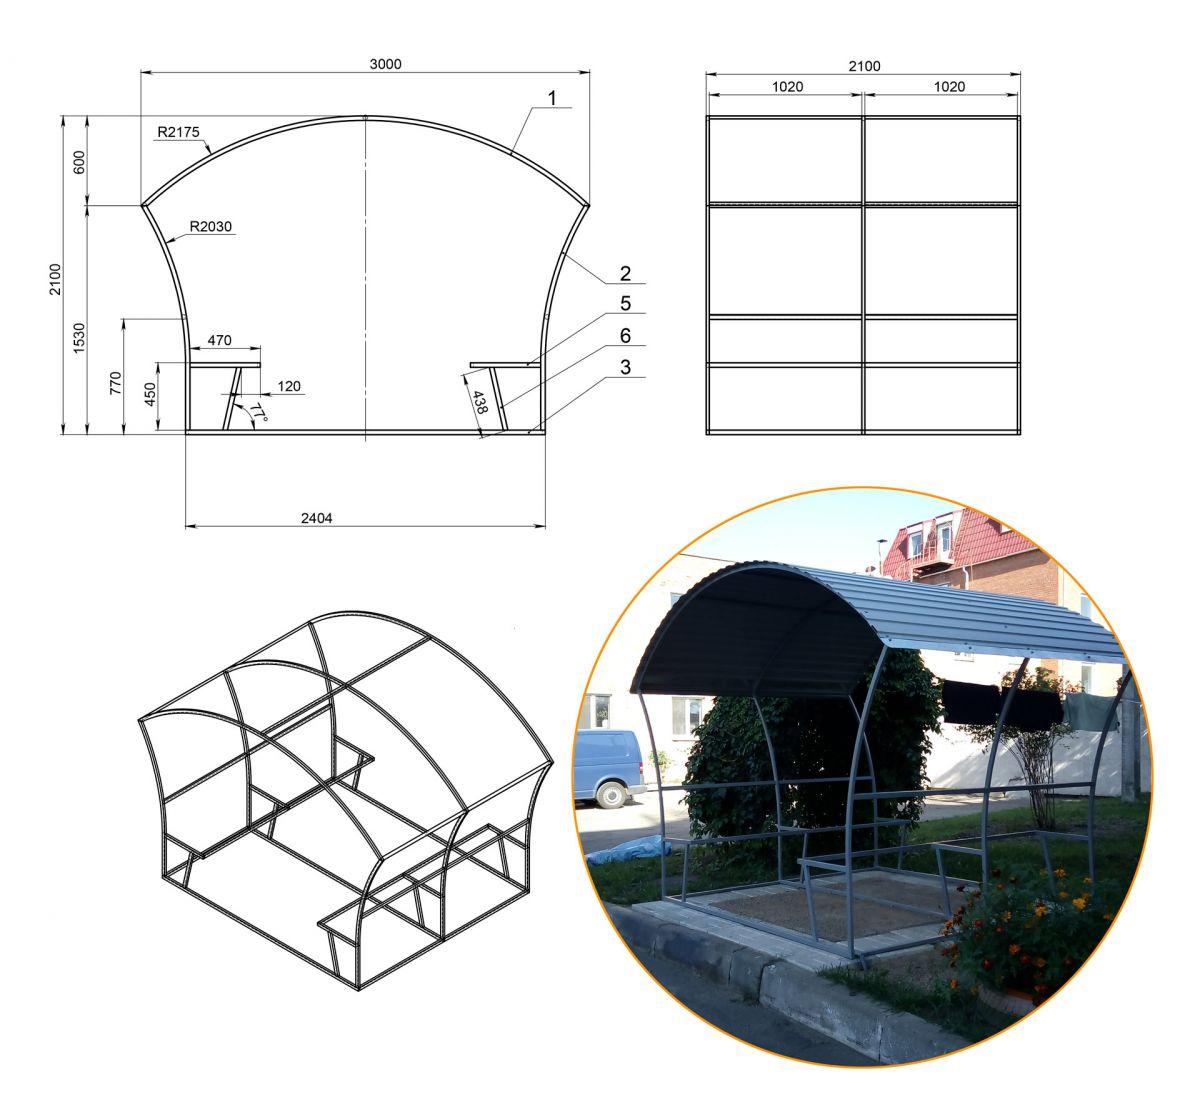 Беседки из поликарбоната (57 фото): как просто и красиво построить беседку для дачи и во дворе частного дома своими руками